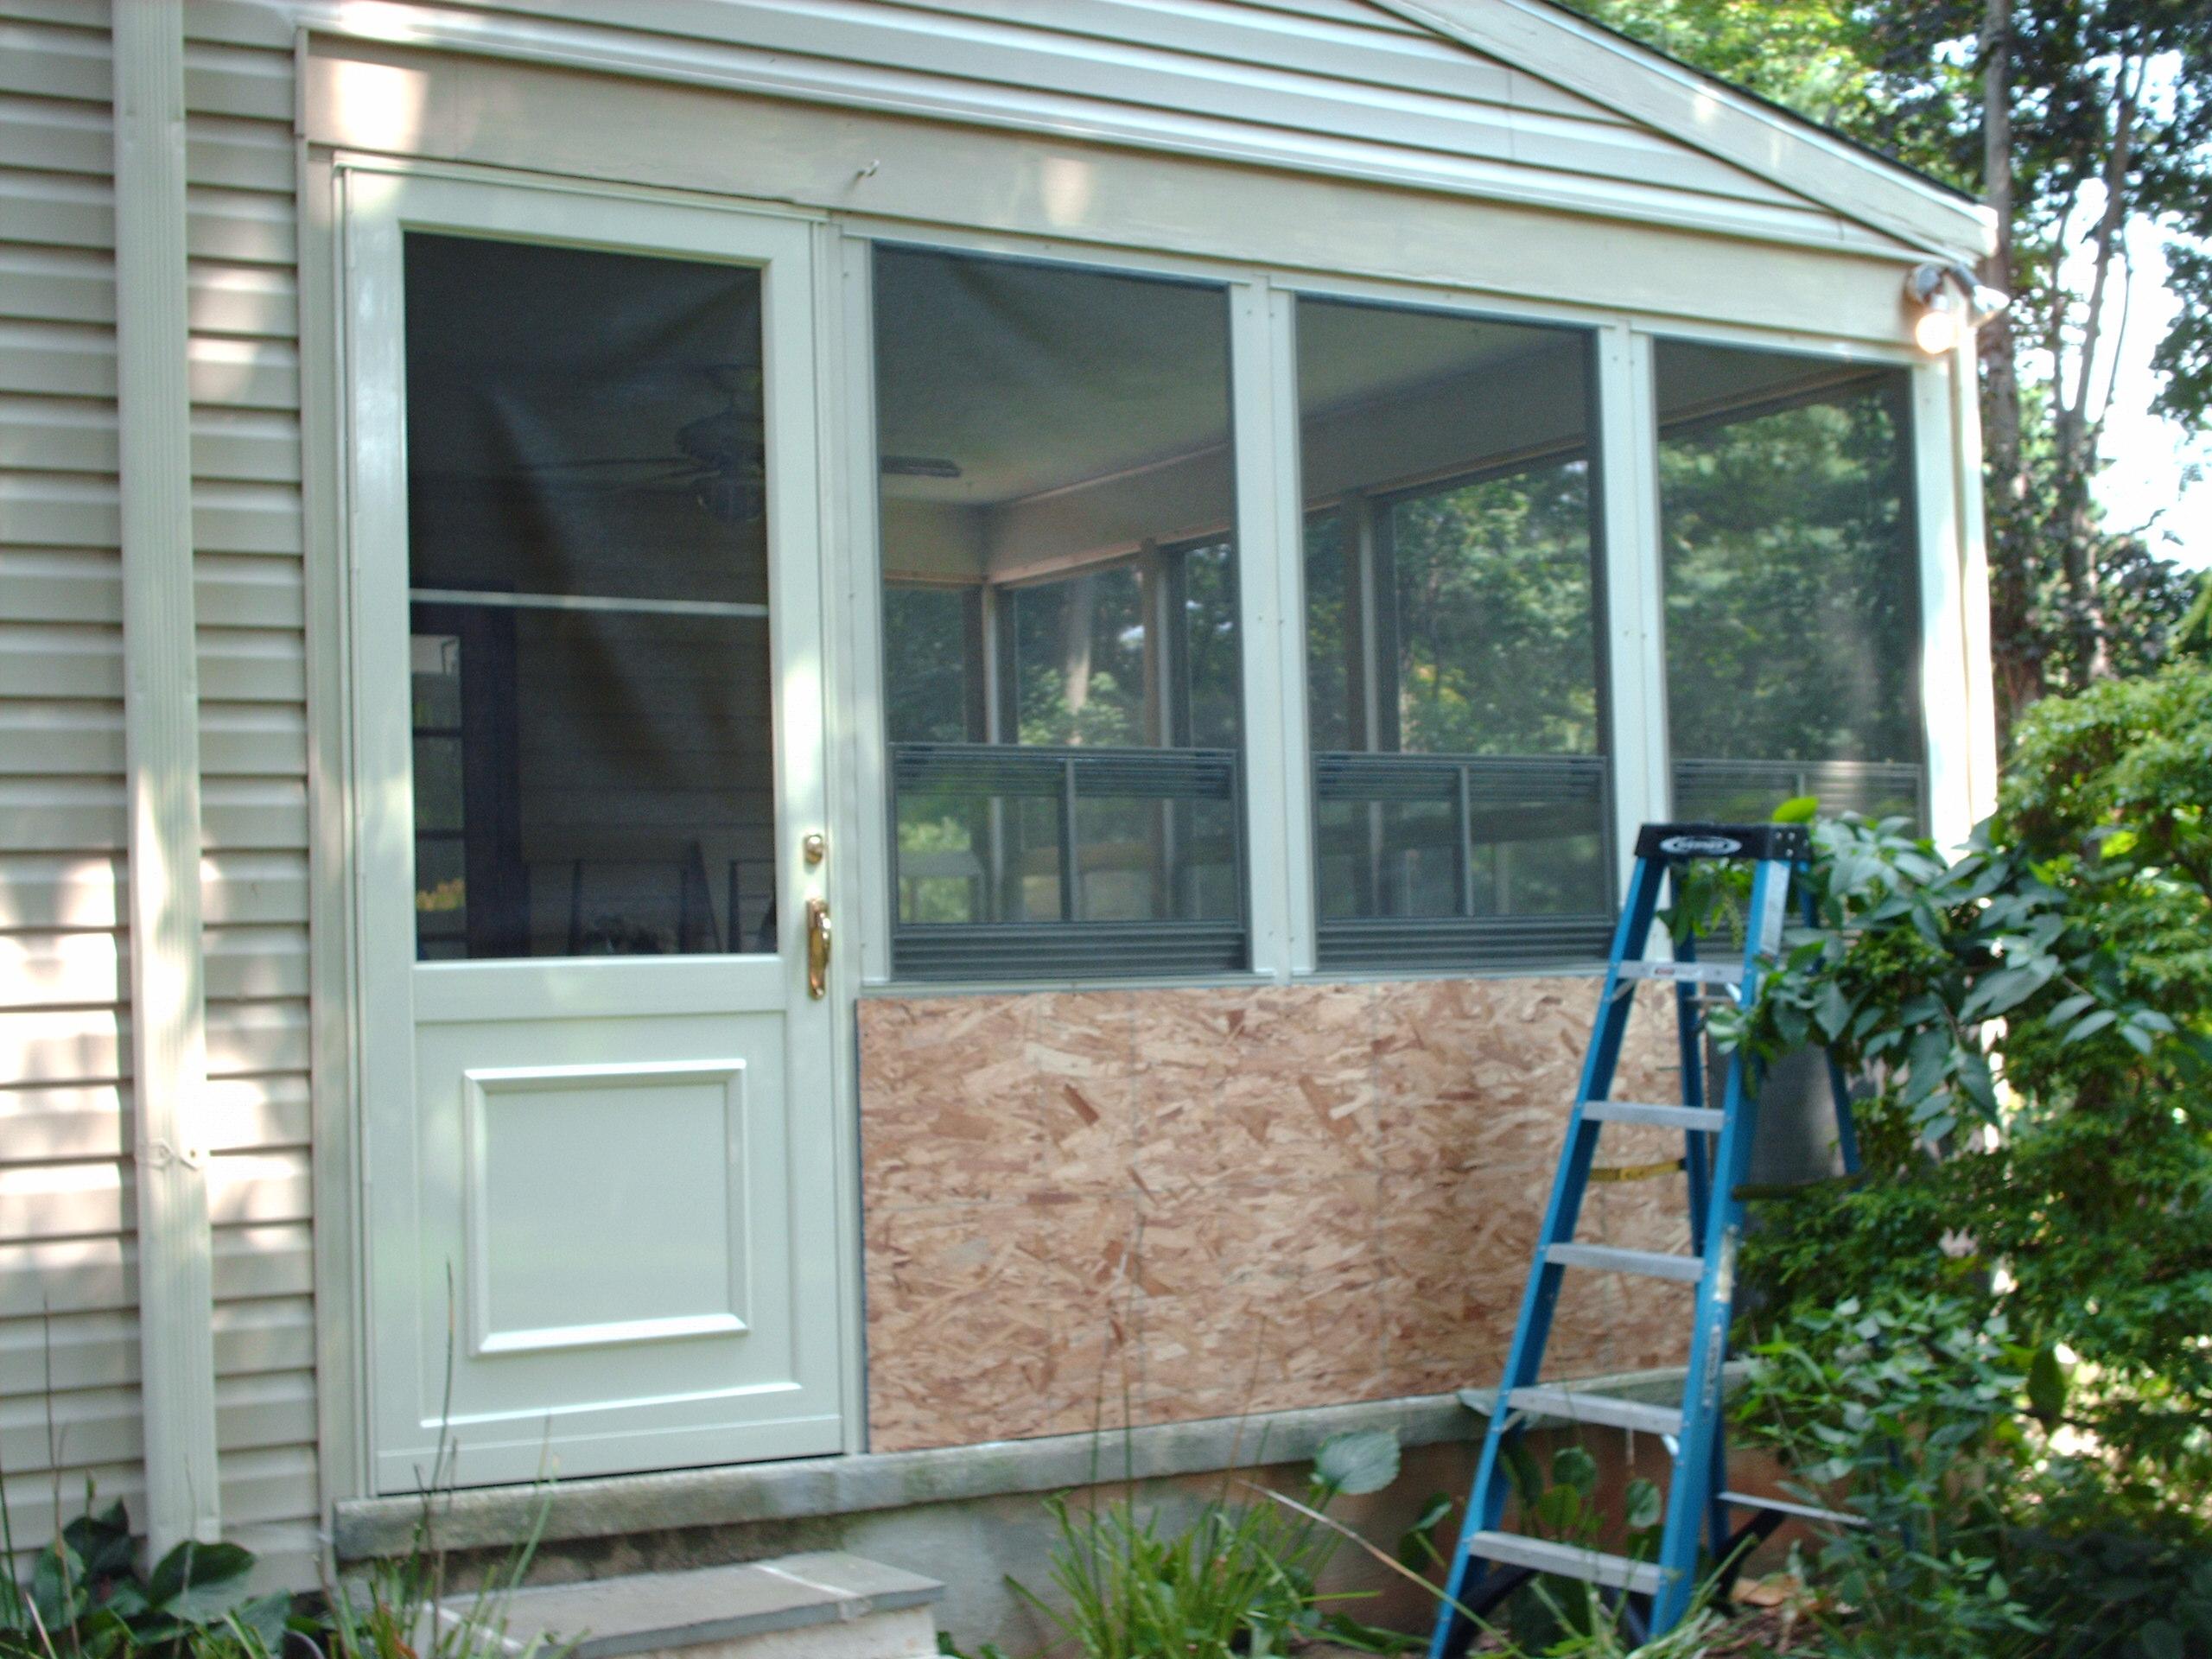 The storm door is installed